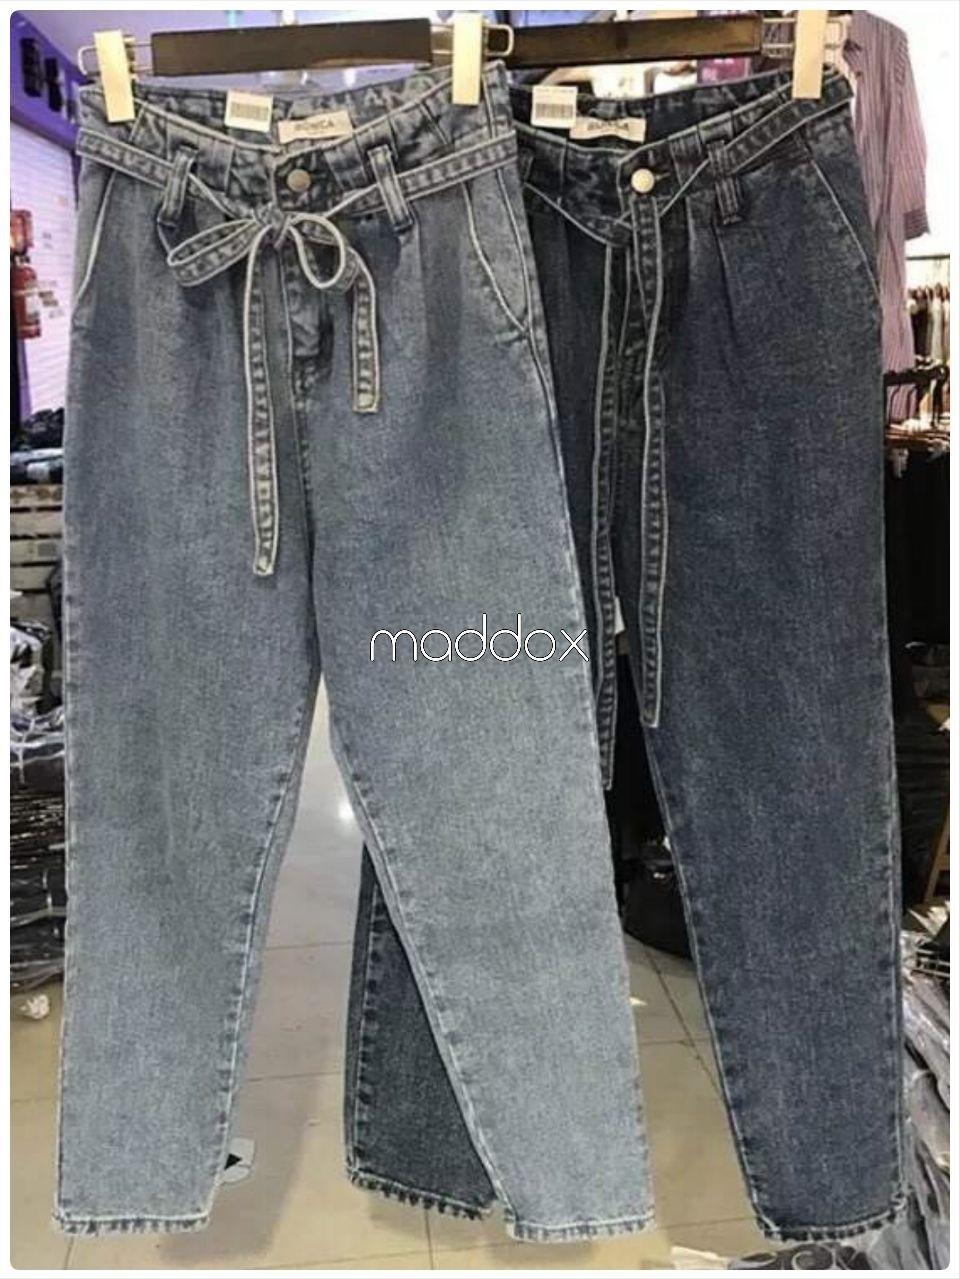 เสื้อผ้าเกาหลีพร้อมส่ง กางเกงผ้ายีนส์ เอวมีเข้มขัดผ้ายีนส์ผูกเอว